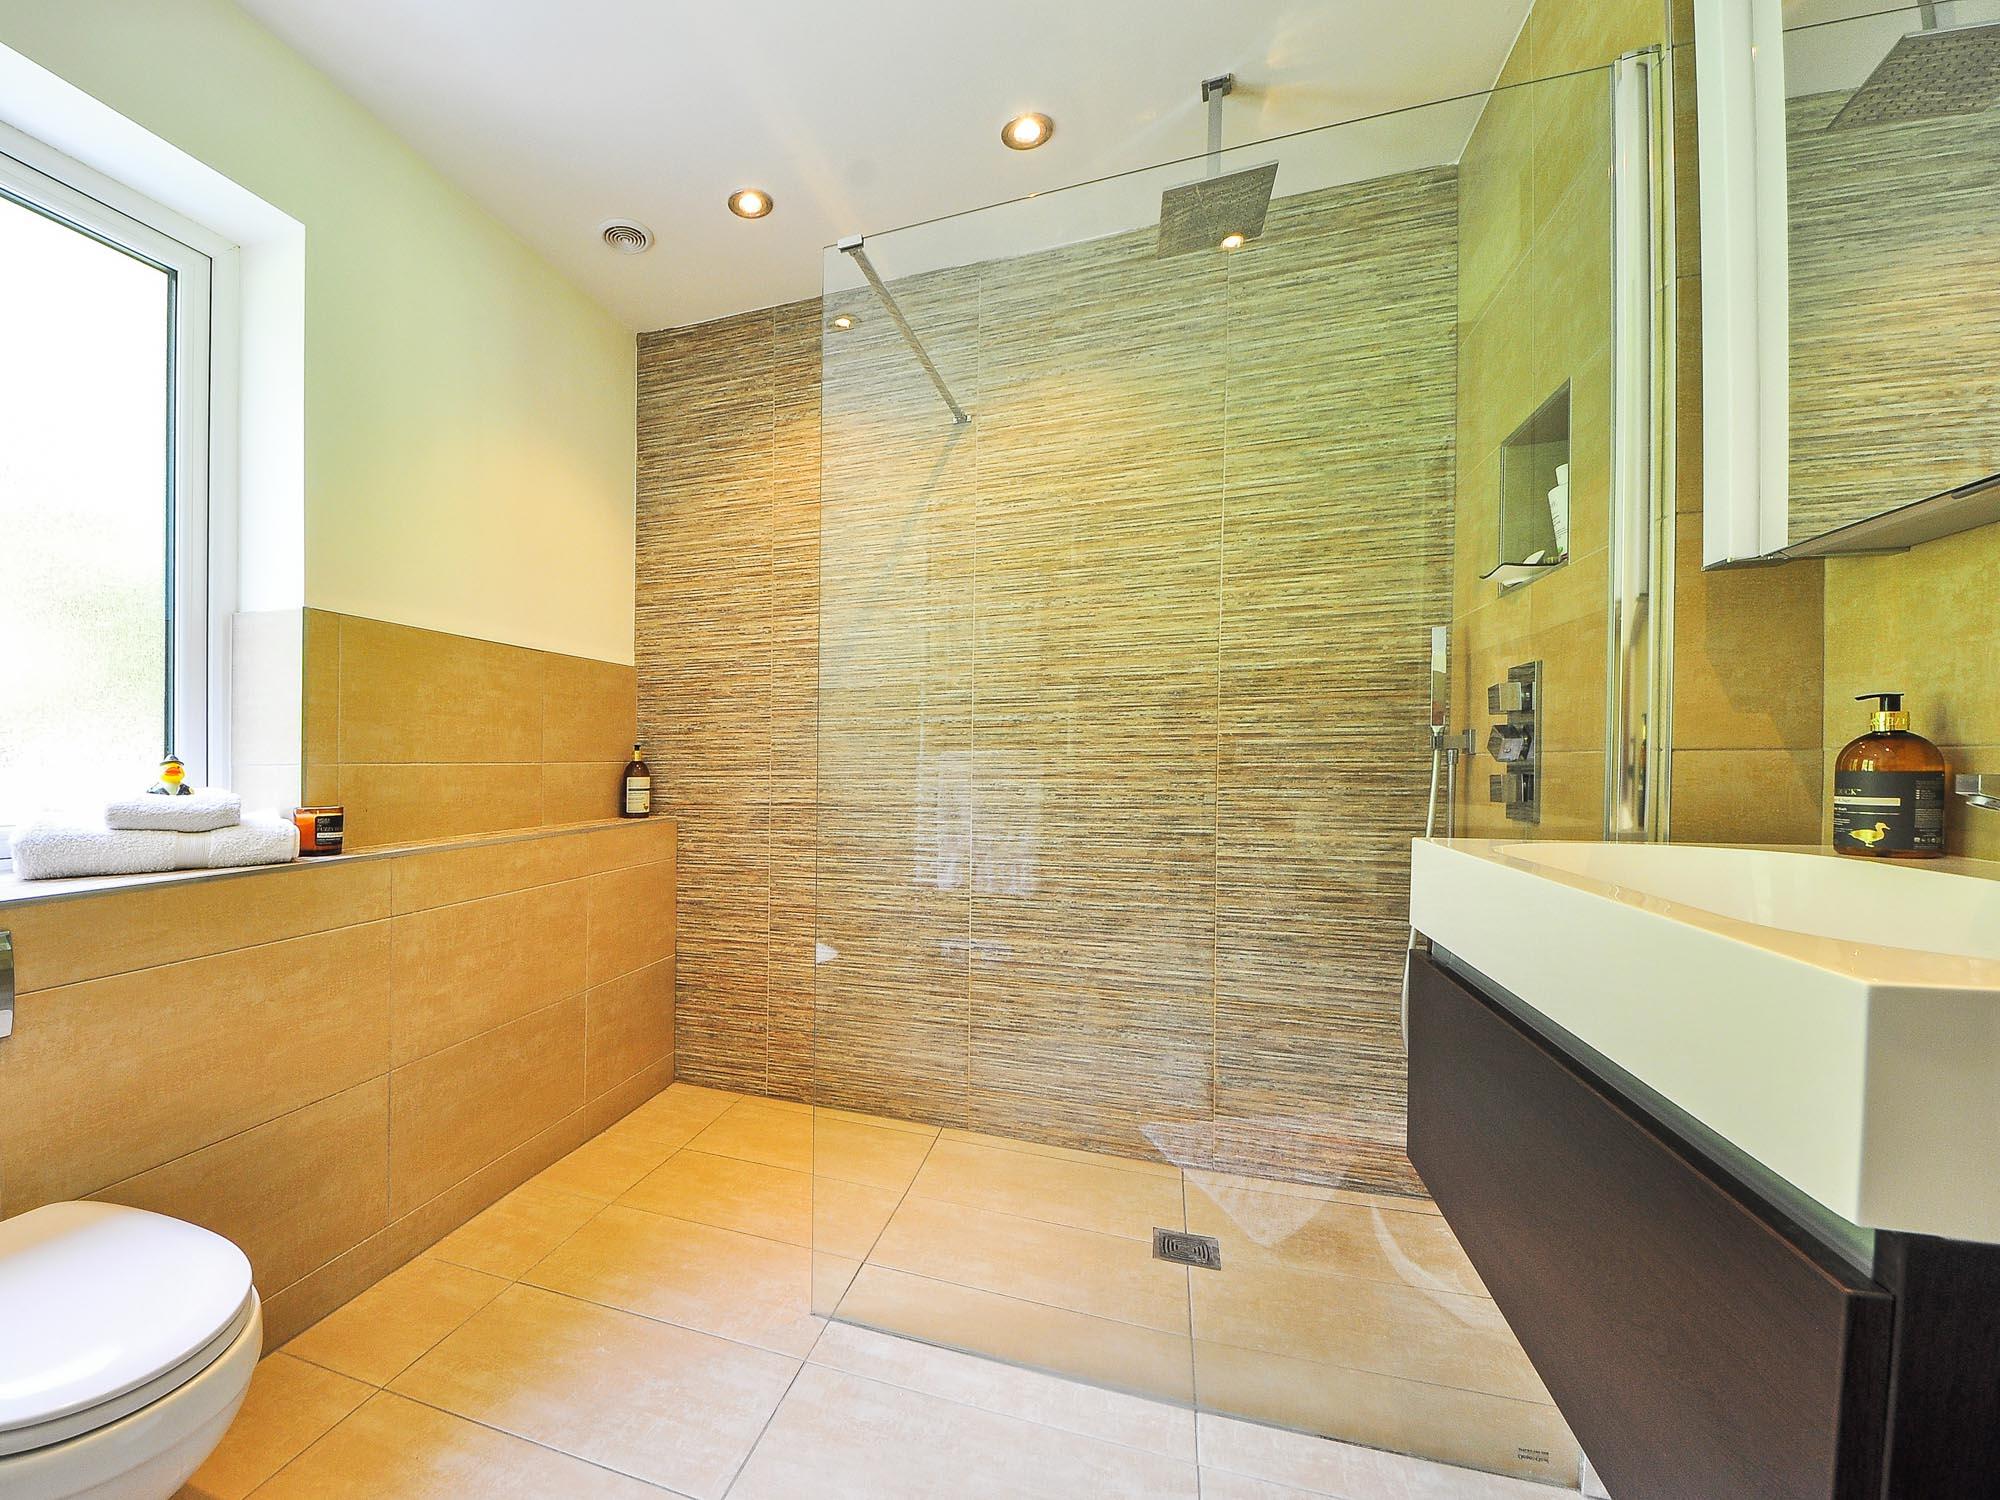 Ducha italiana, tendencias de decoración para el baño en Barcelona